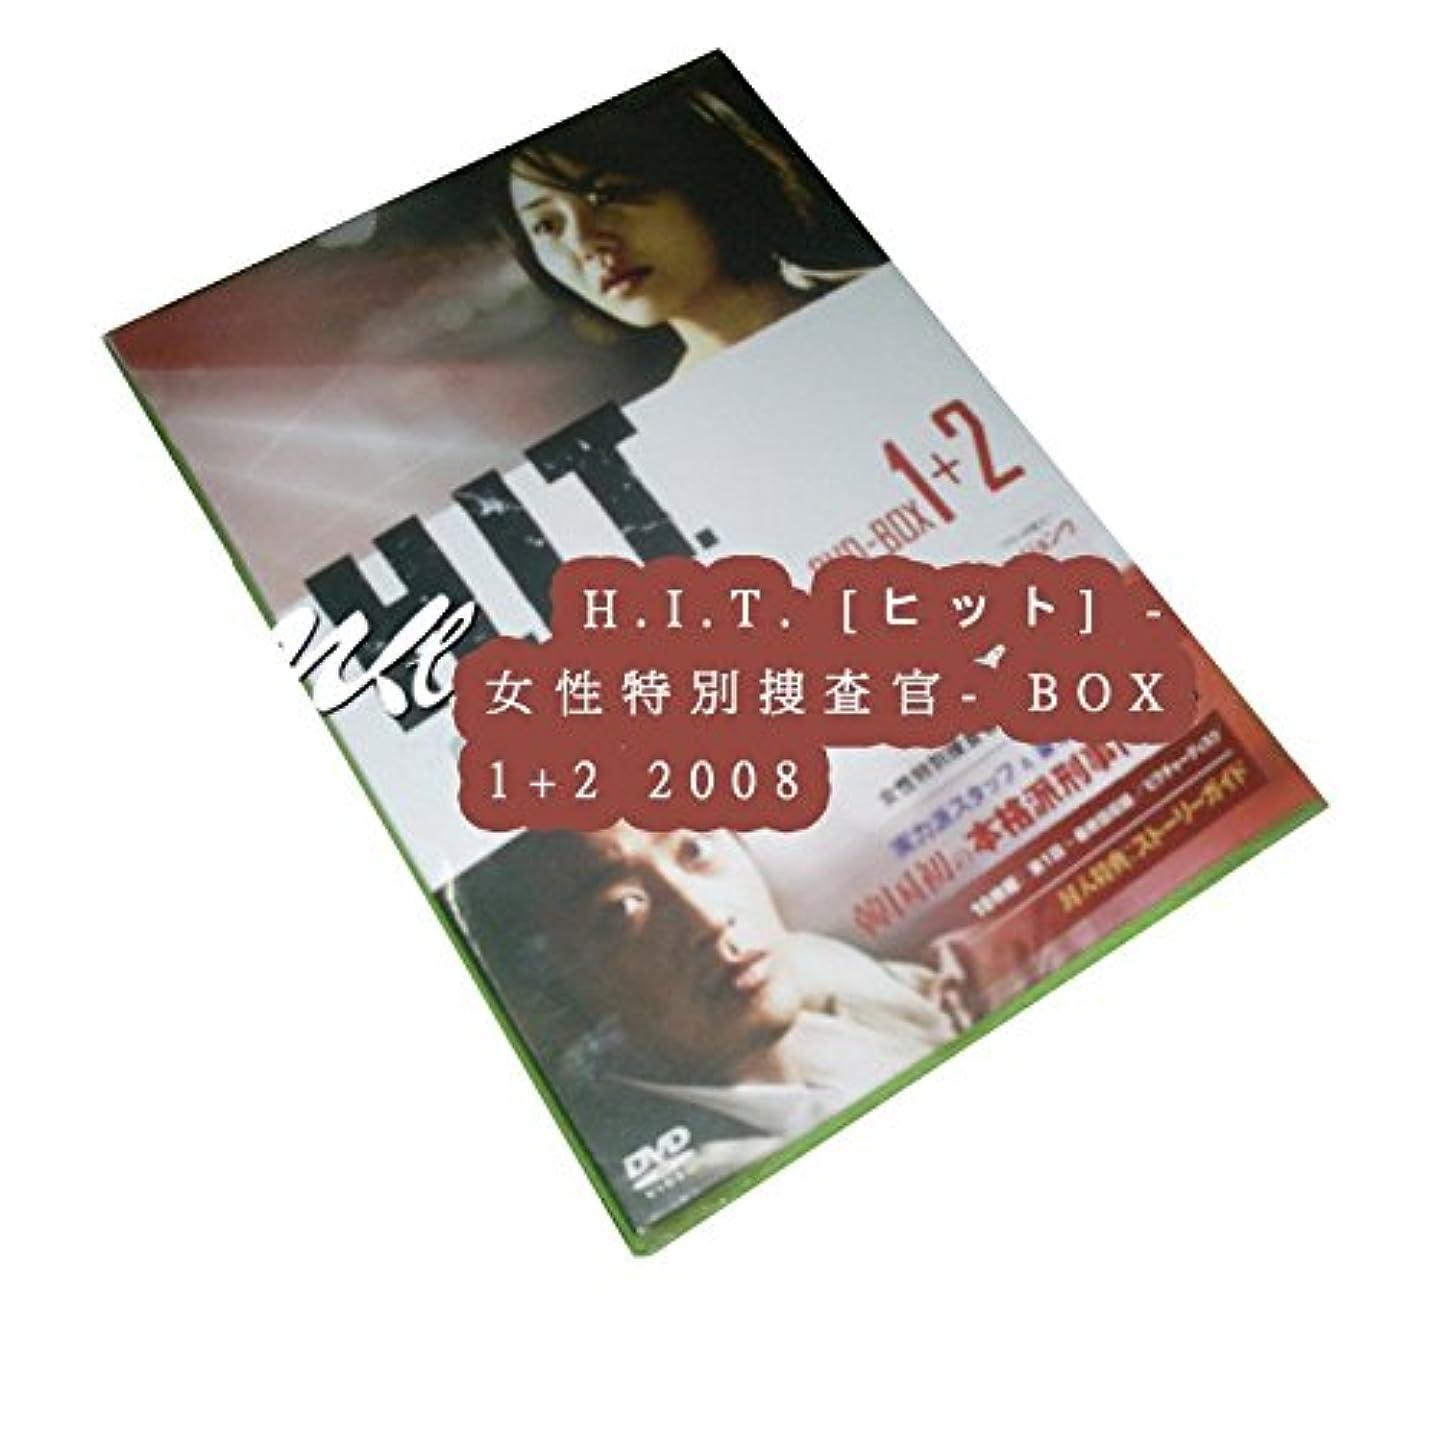 テクトニック出くわす消化H.I.T. [ヒット] -女性特別捜査官- BOX 1+2 2008